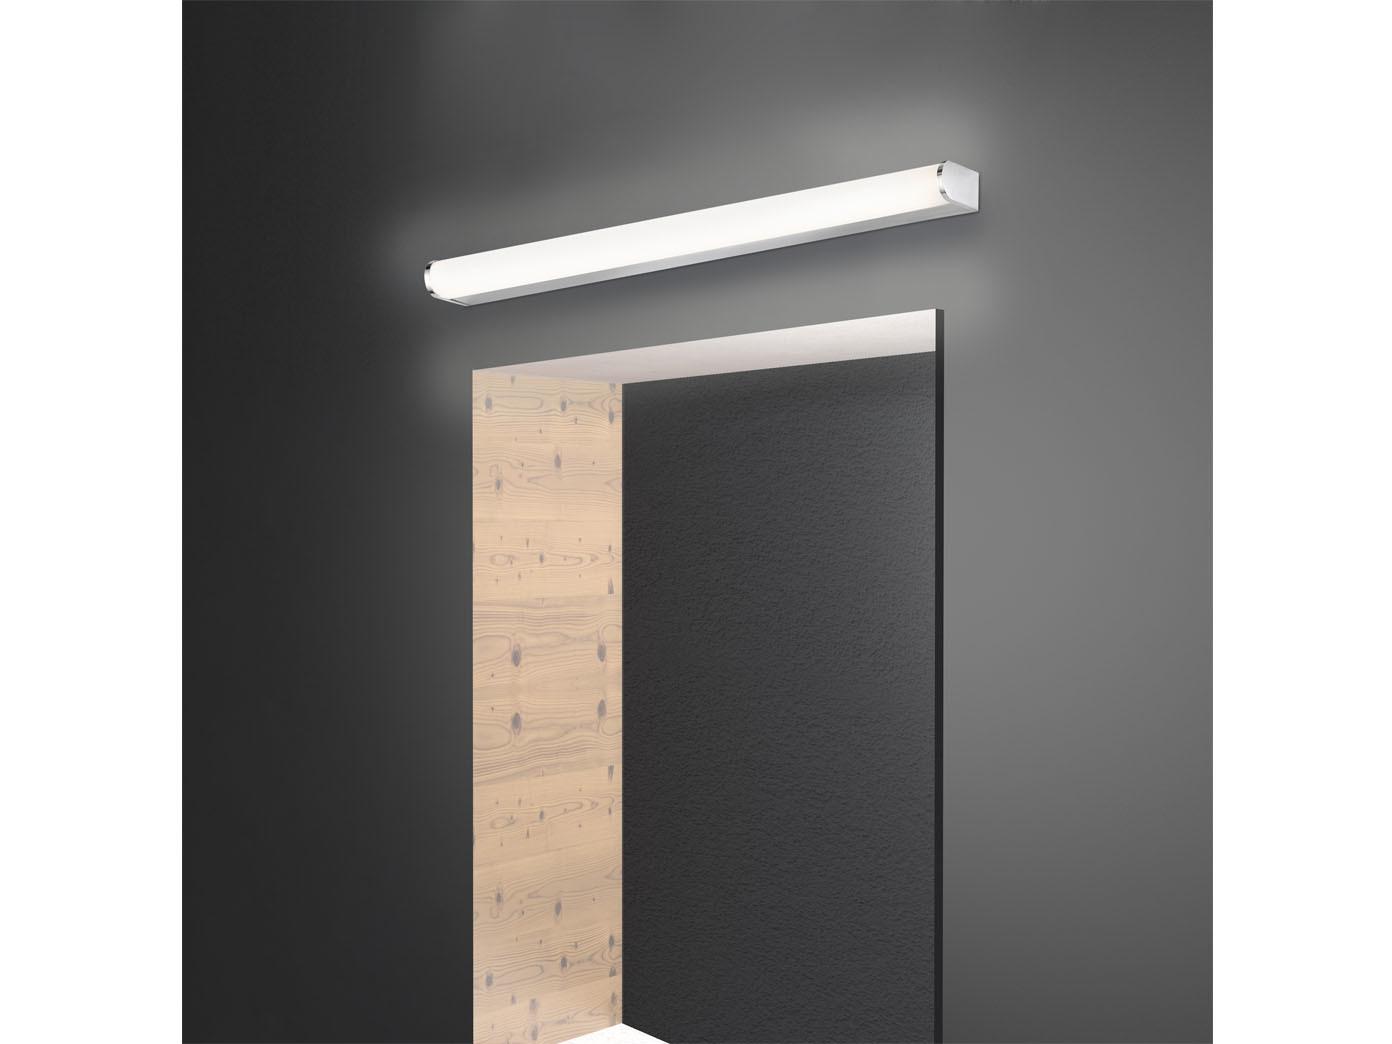 LED Wandlampe 19cm fürs Badezimmer - Spiegelleuchte & Badlampe über  Badspiegel